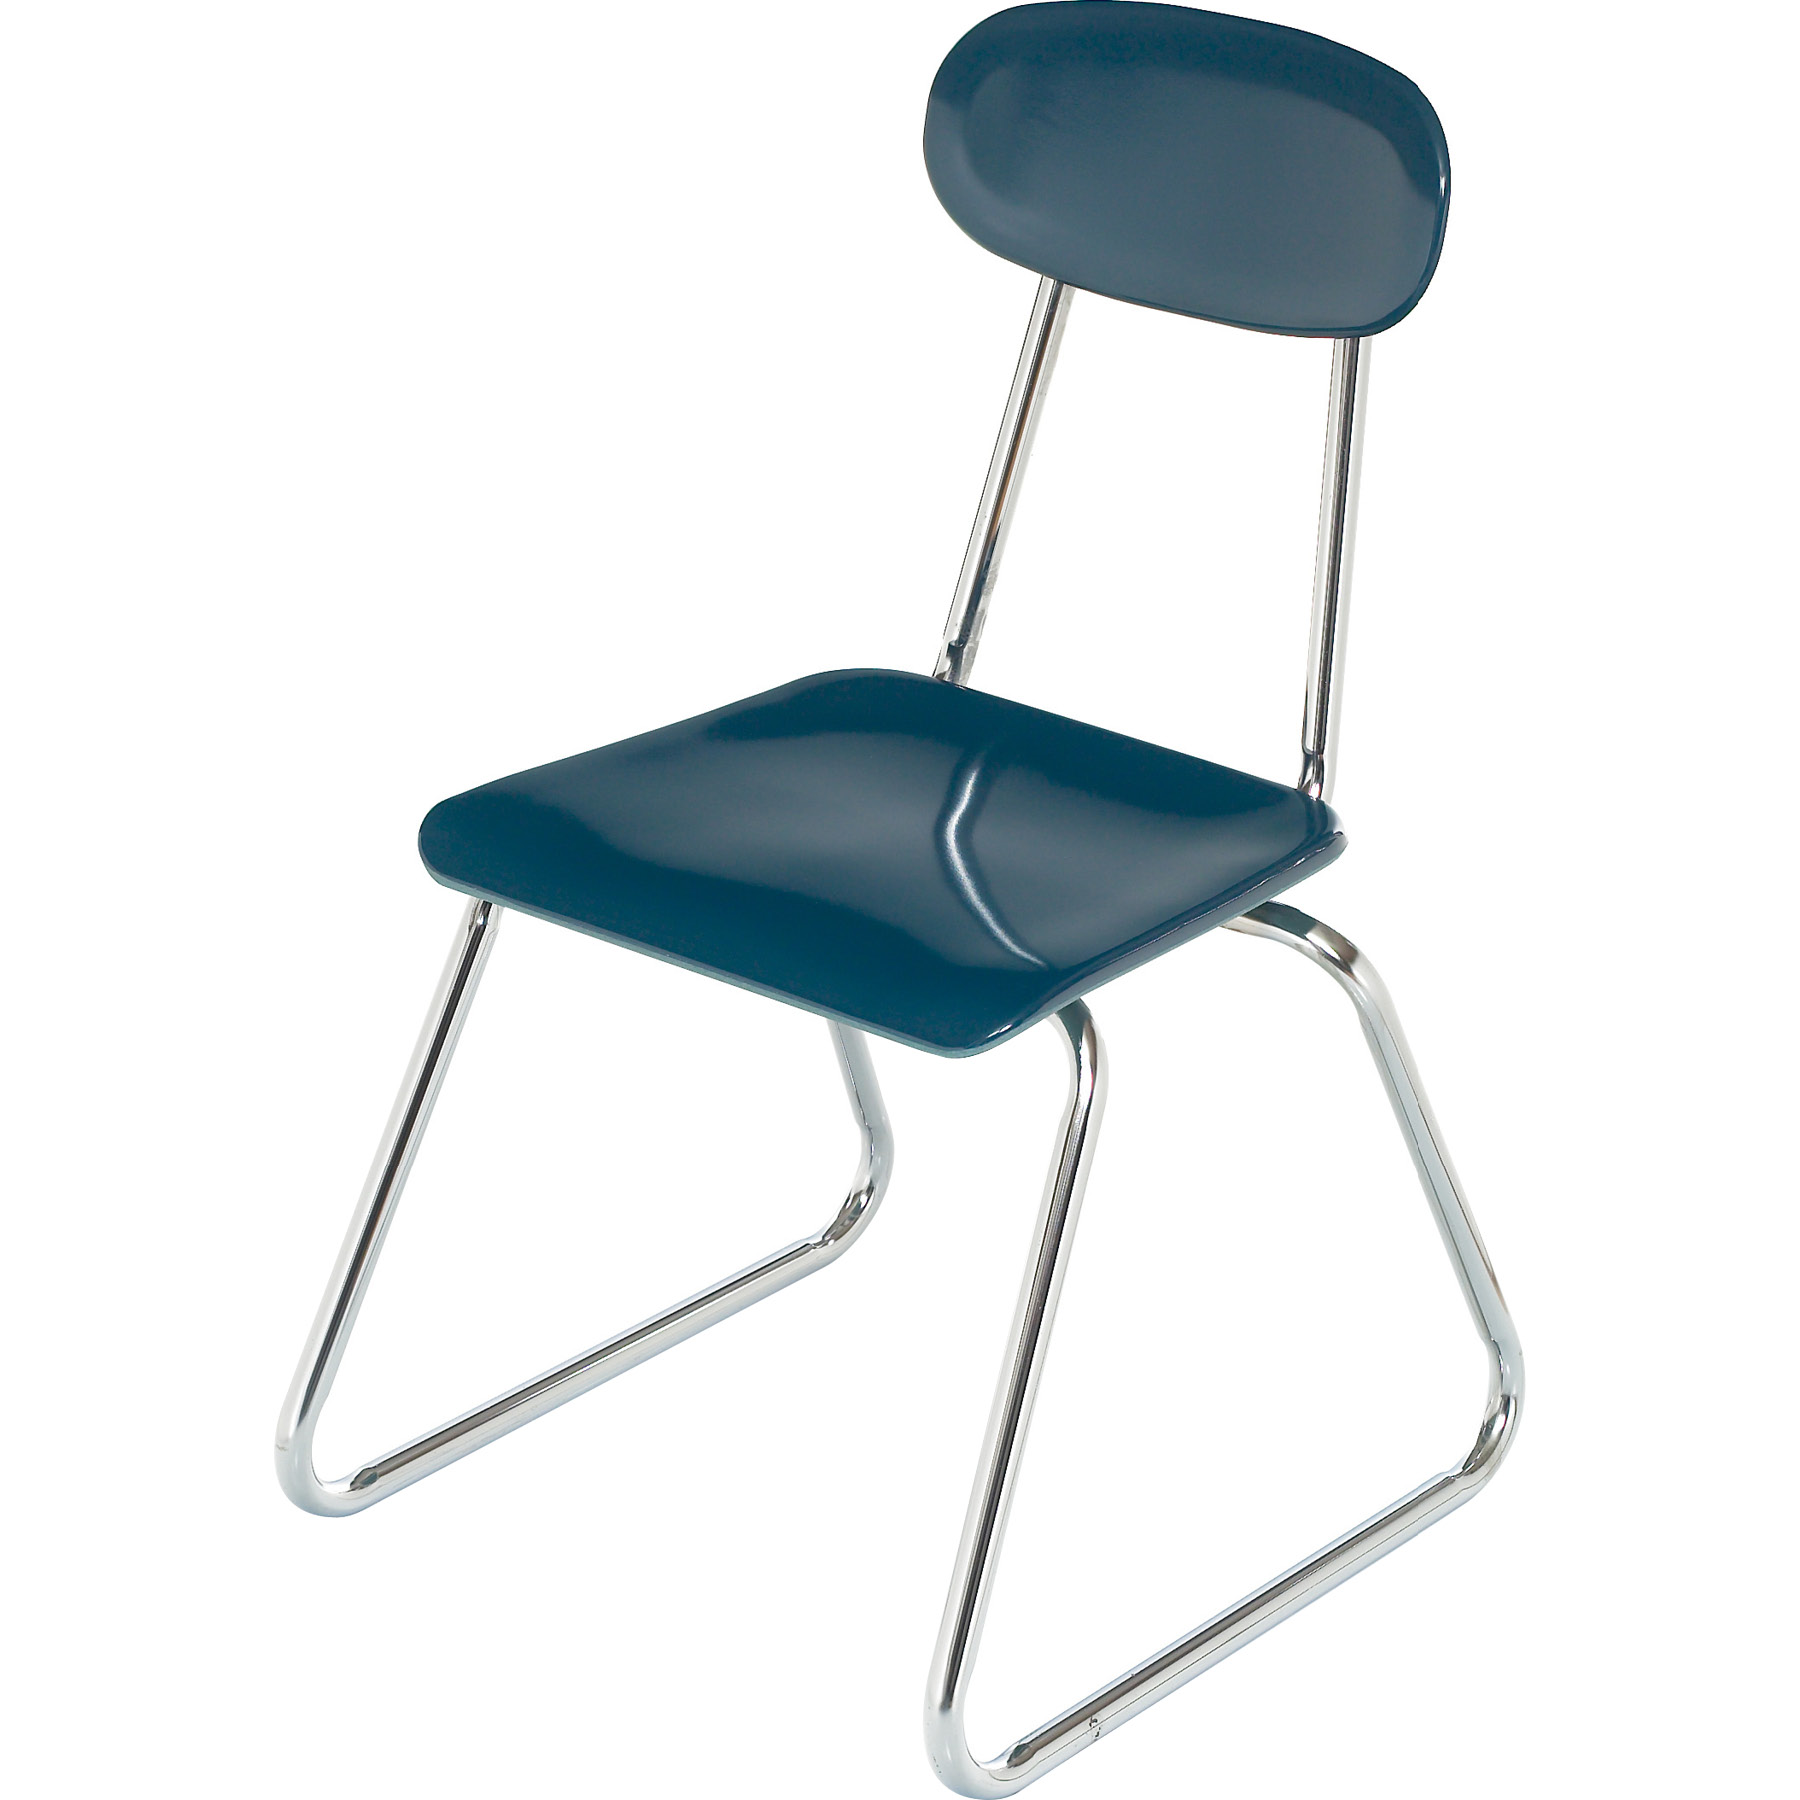 1117 Chair